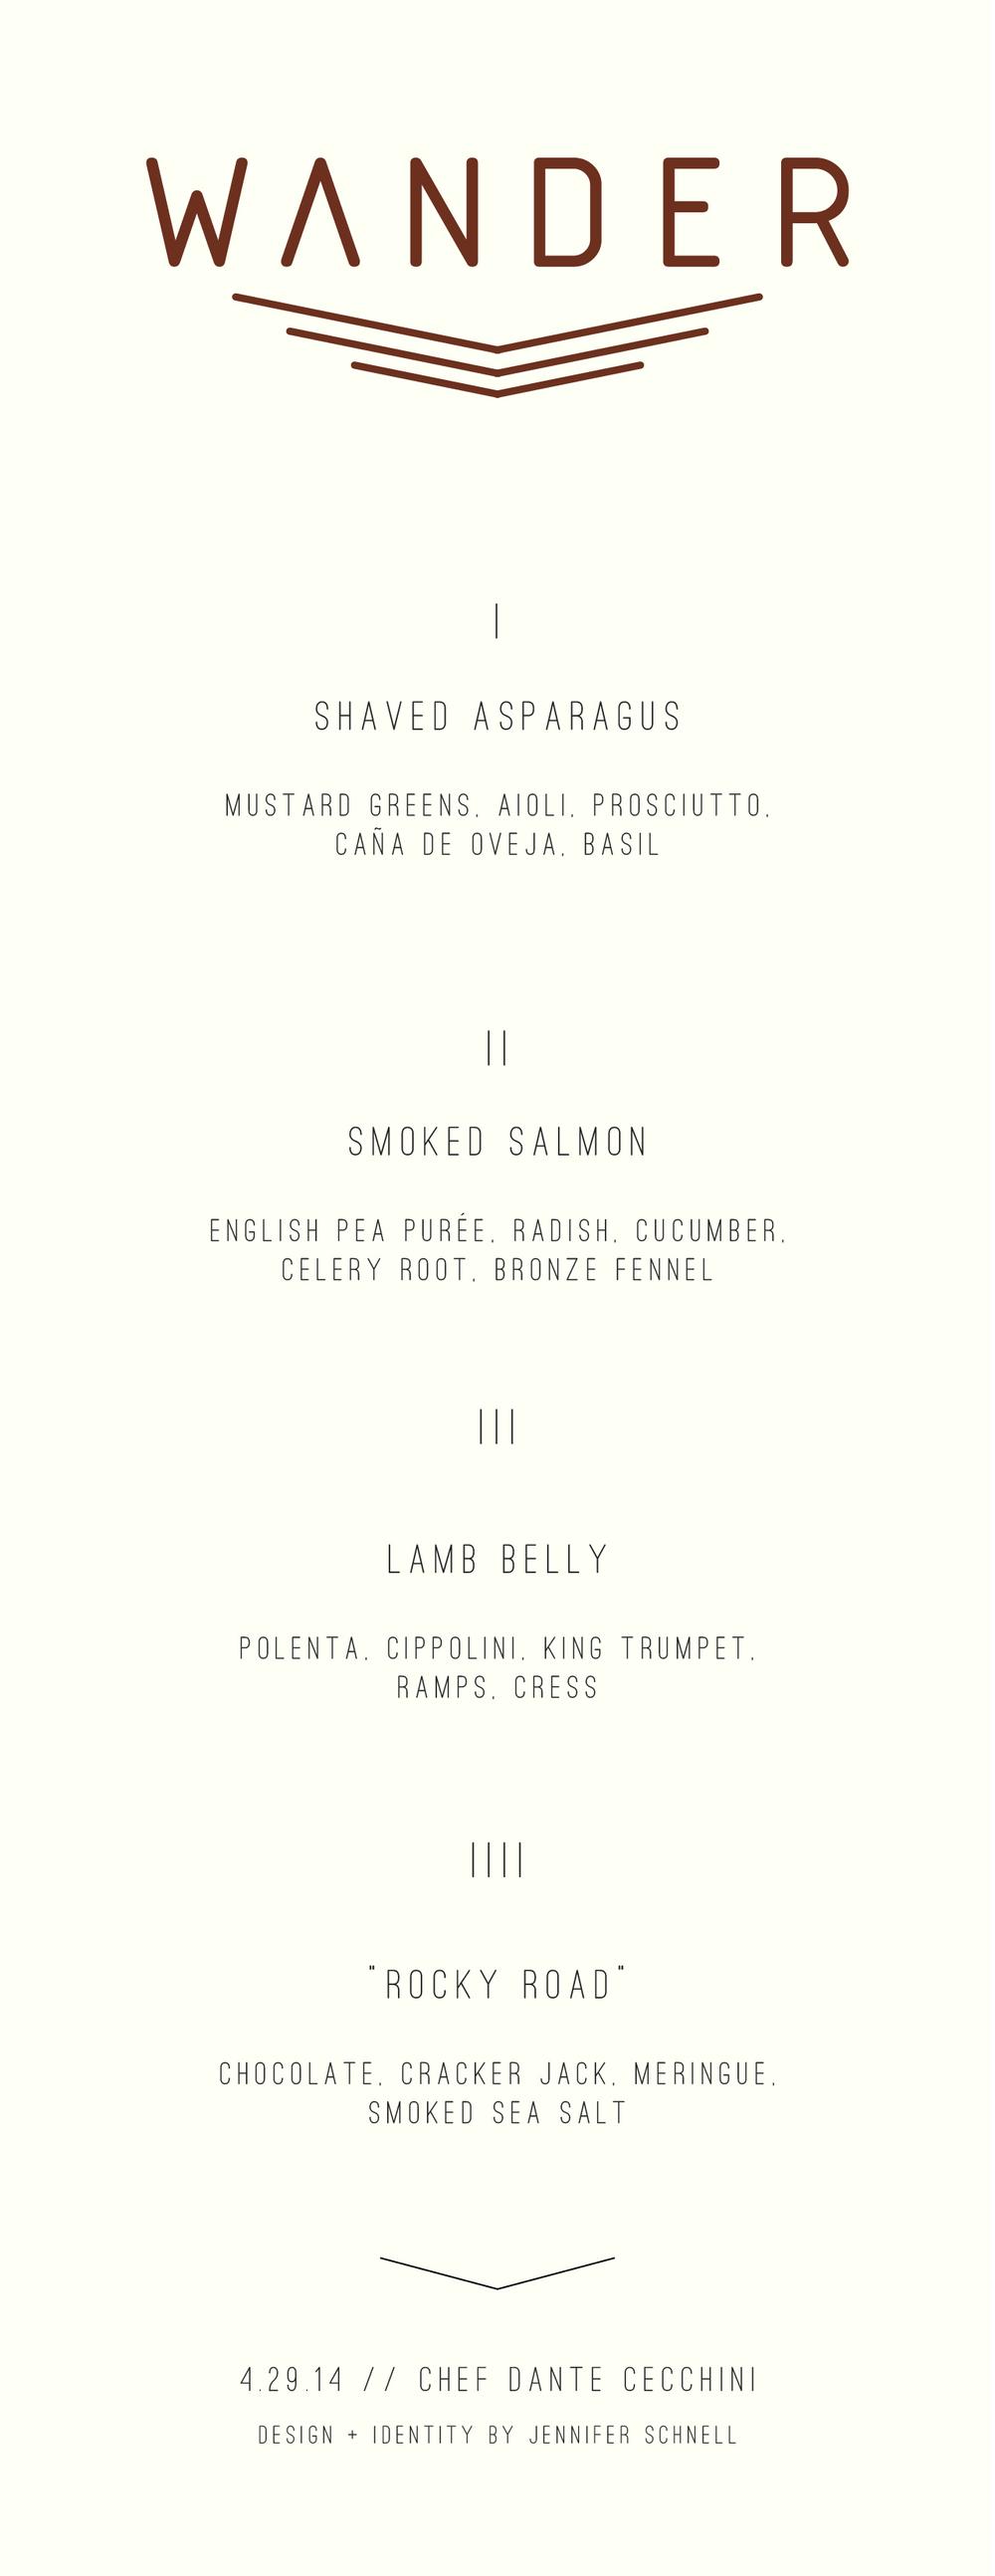 menu 4-29-14 web.jpg